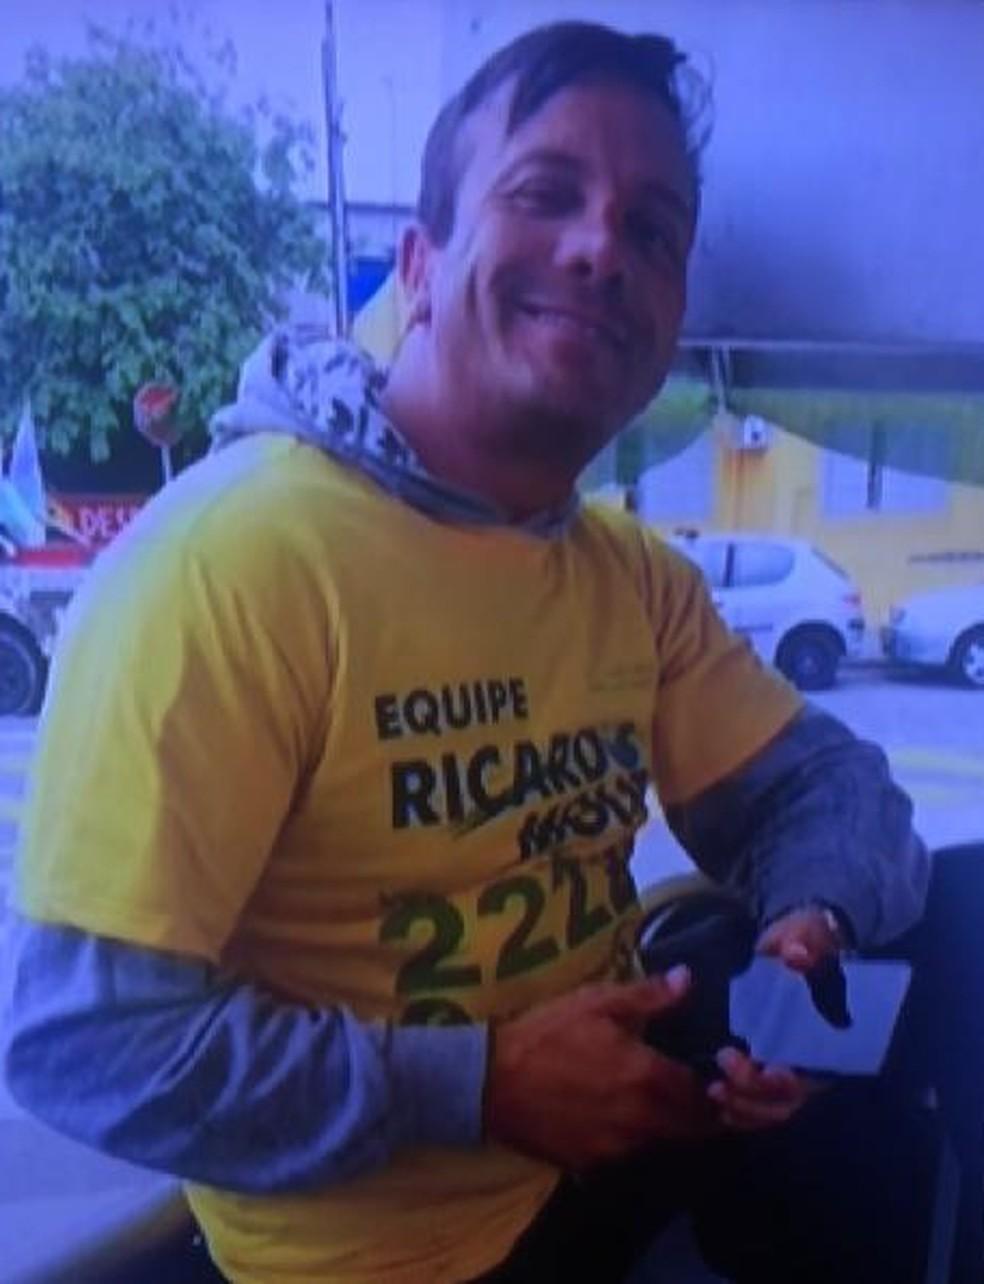 Ricardo Moura, candidato a vereador em Guarulhos, baleado durante live — Foto: Reprodução/TV Globo